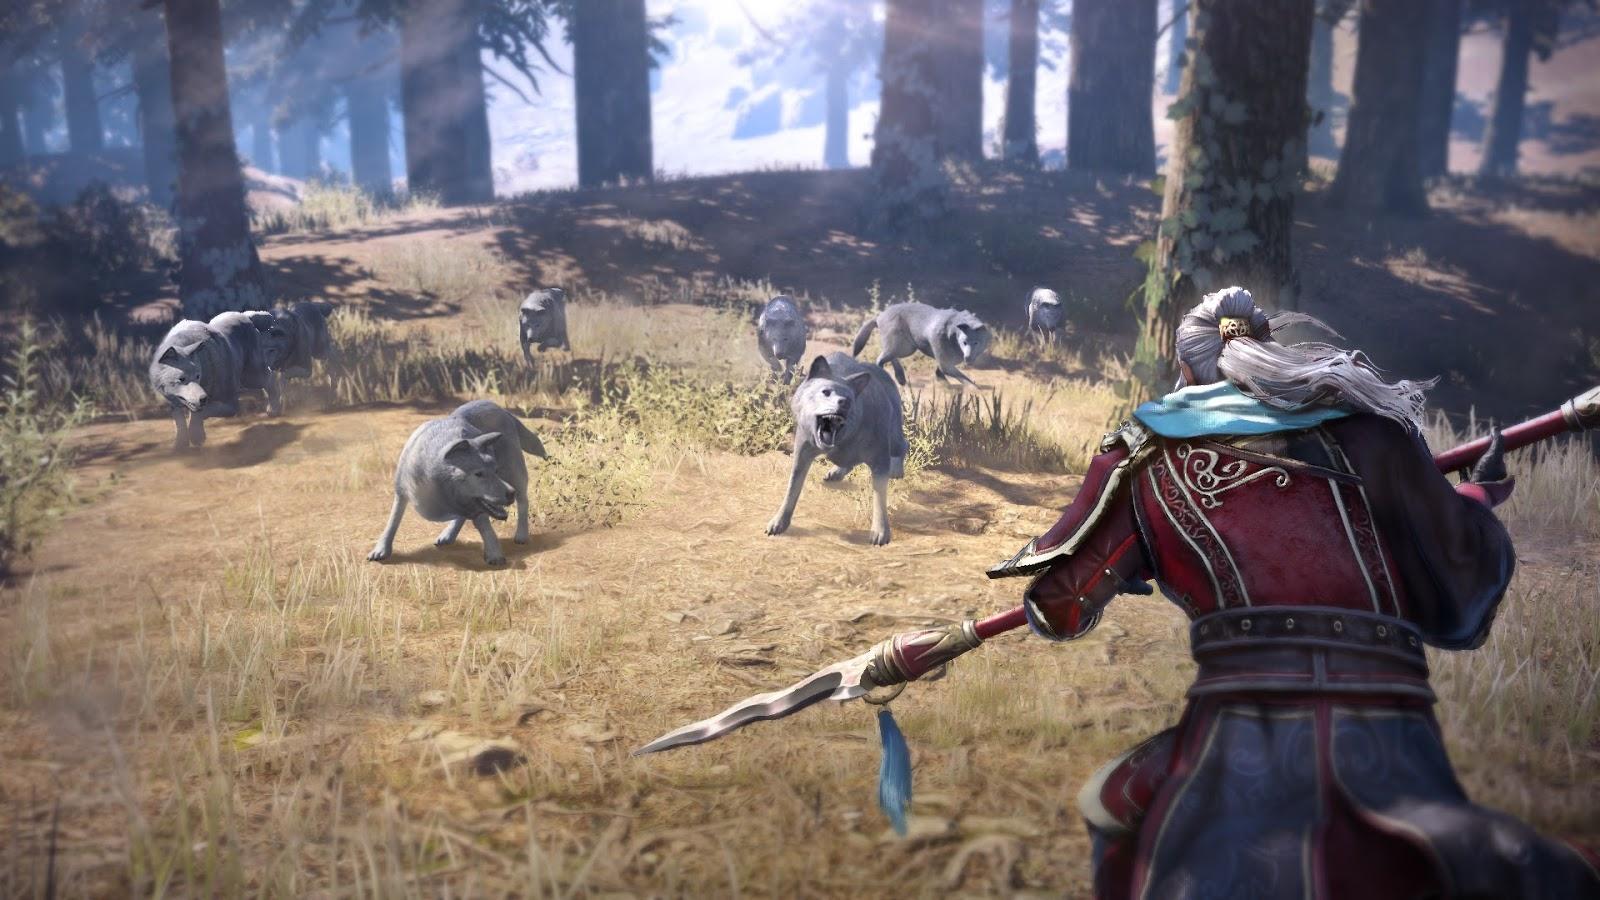 Dinasty Warriors 9 confirma plataformas y desvela personajes novedosos 13